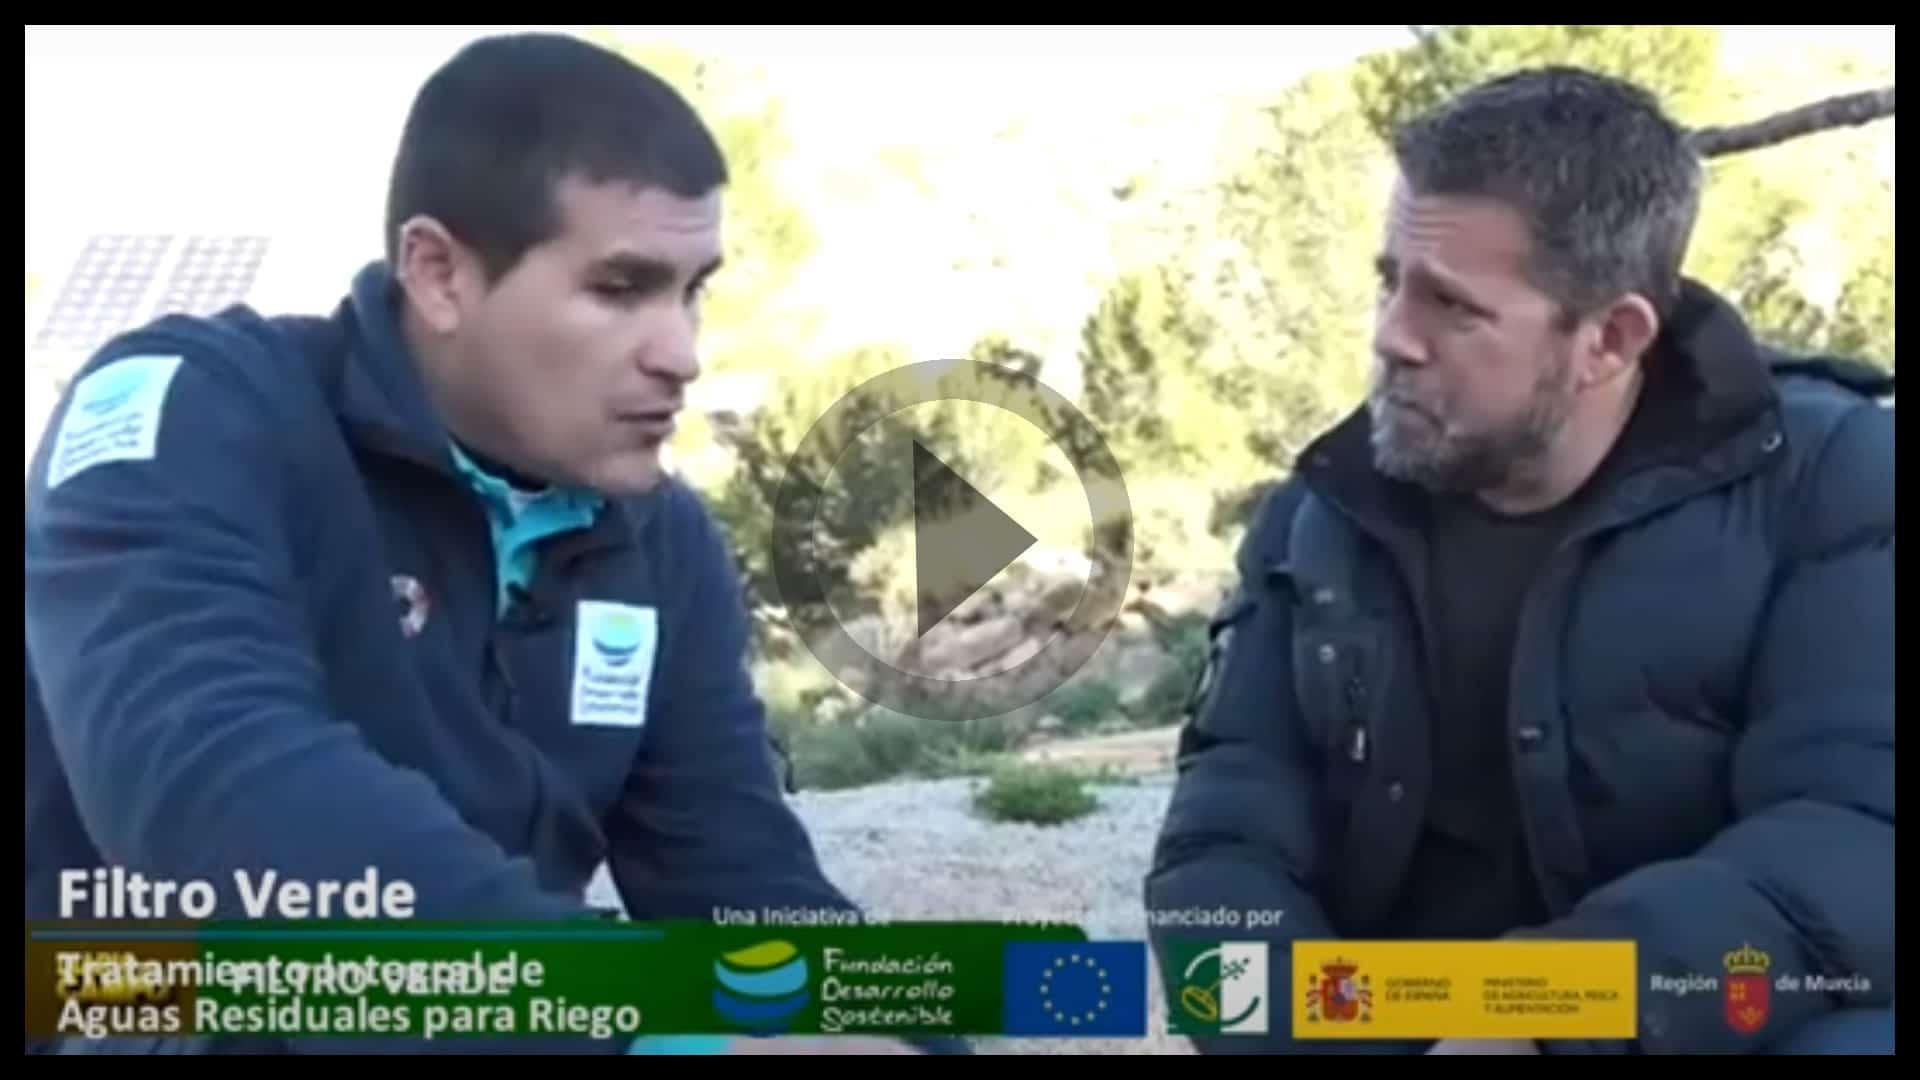 Gonzalo Ezama y el Filtro Verde